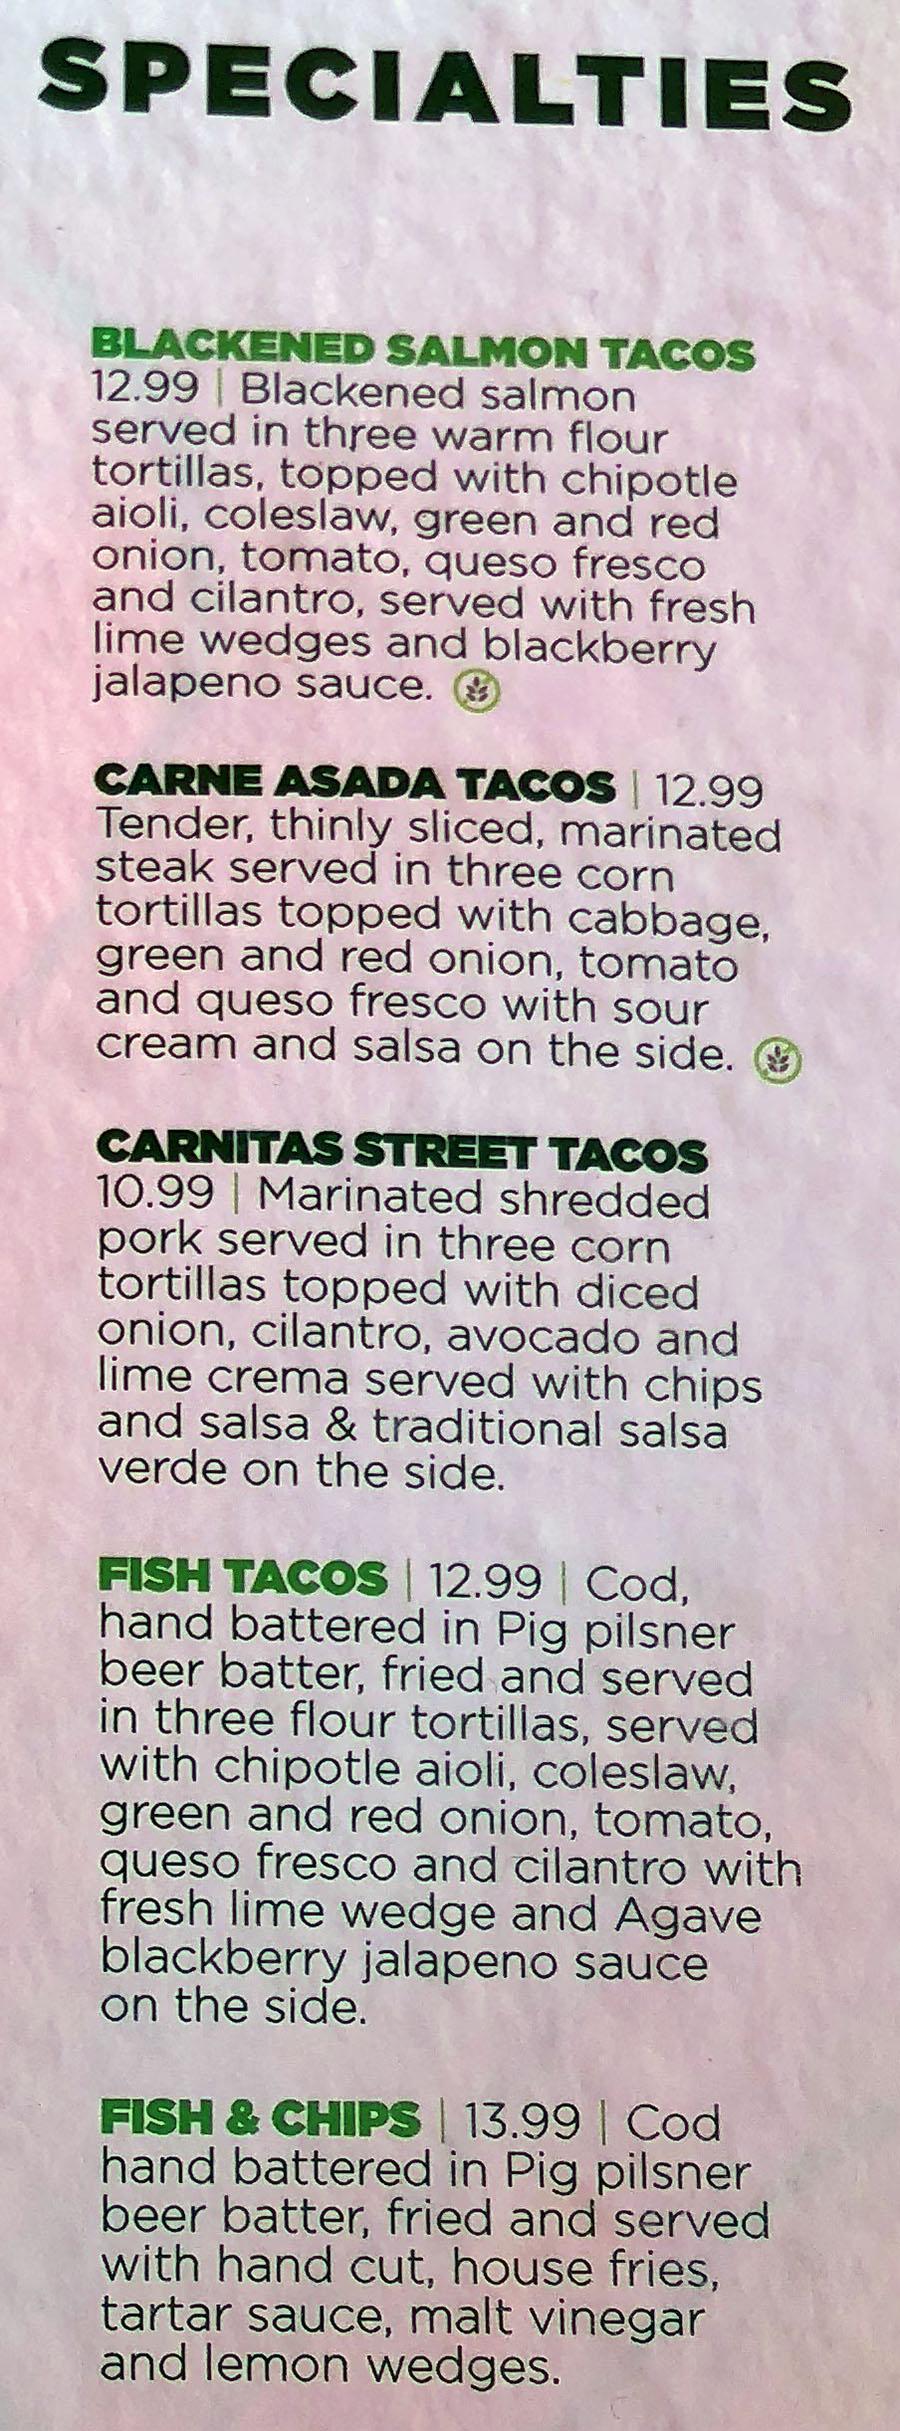 Green Pig Pub menu - specialties